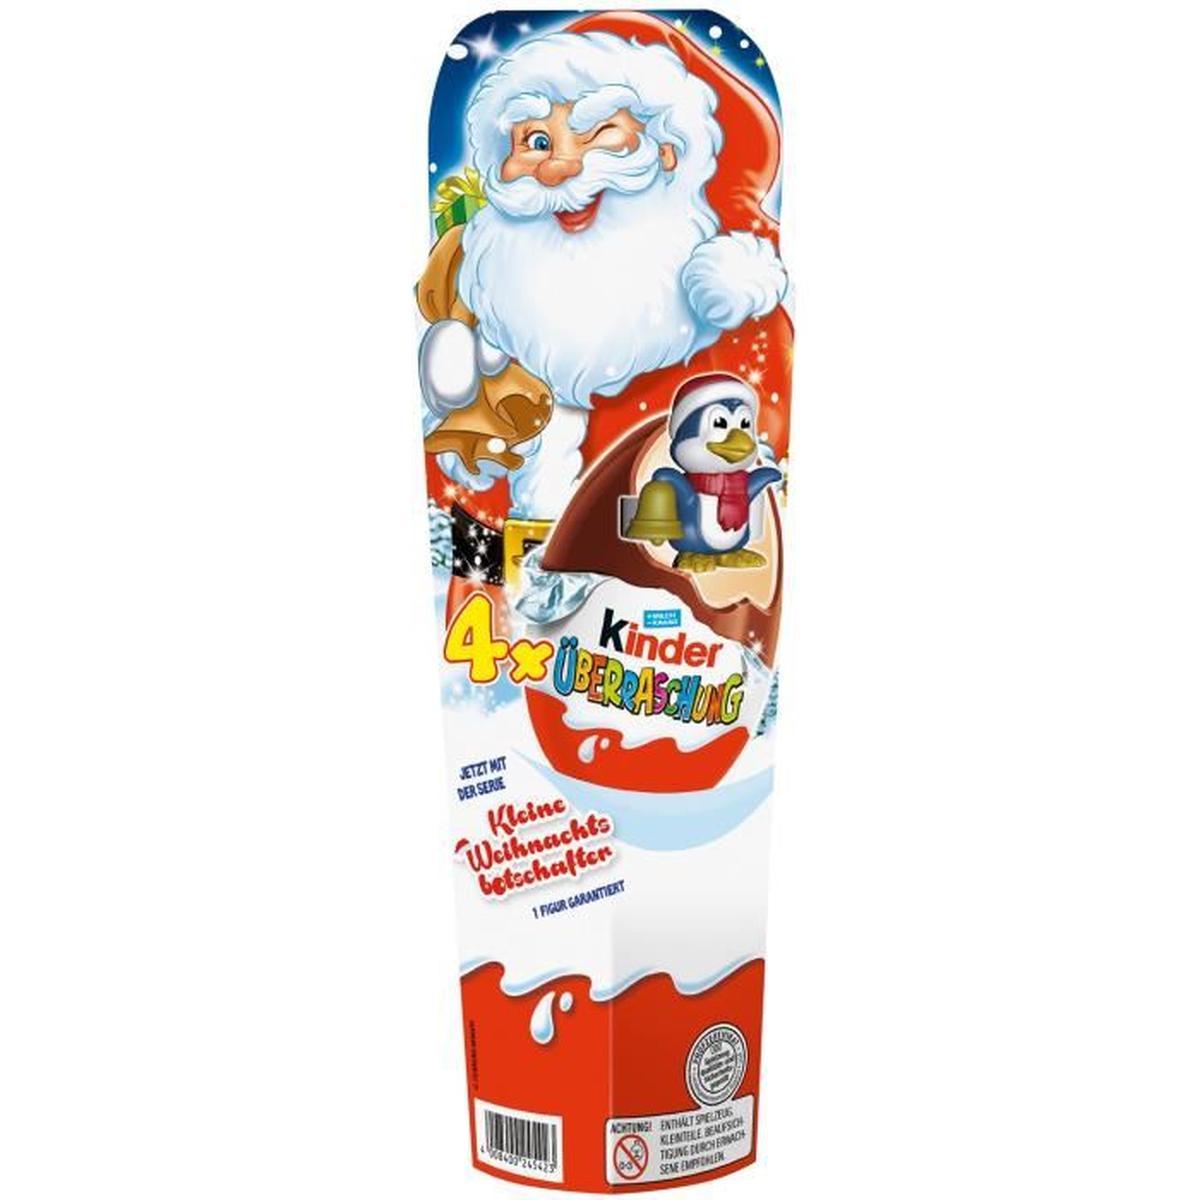 Kinder Surprise Père Noël (80 g)